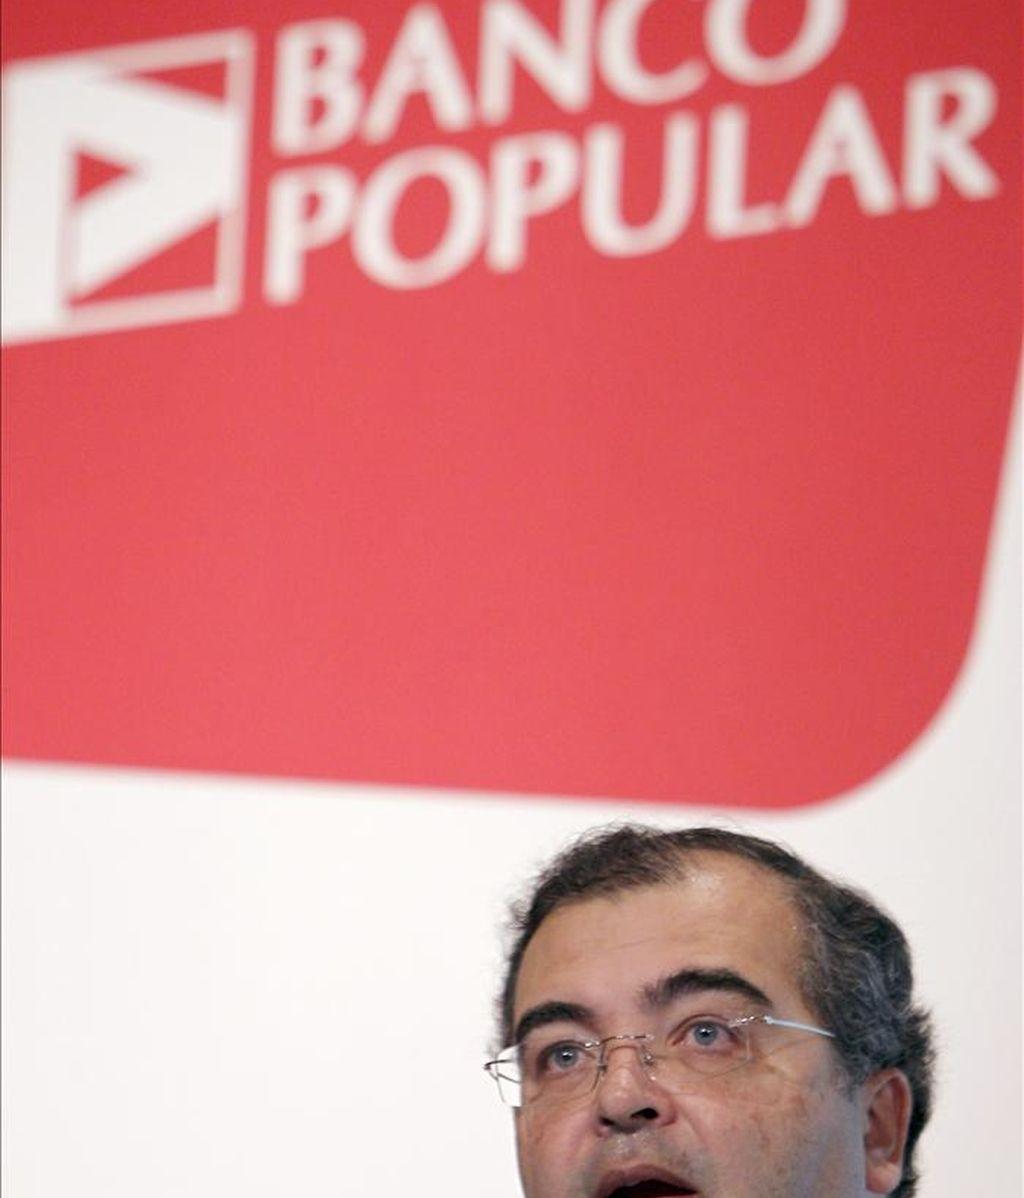 El presidente del Banco Popular, Ángel Ron, durante la presentación hoy de los resultados logrados en 2010 por el banco, que se redujeron el 23 % en tasa interanual y quedaron en 590 millones de euros tras las fuertes dotaciones a provisiones realizadas. EFE